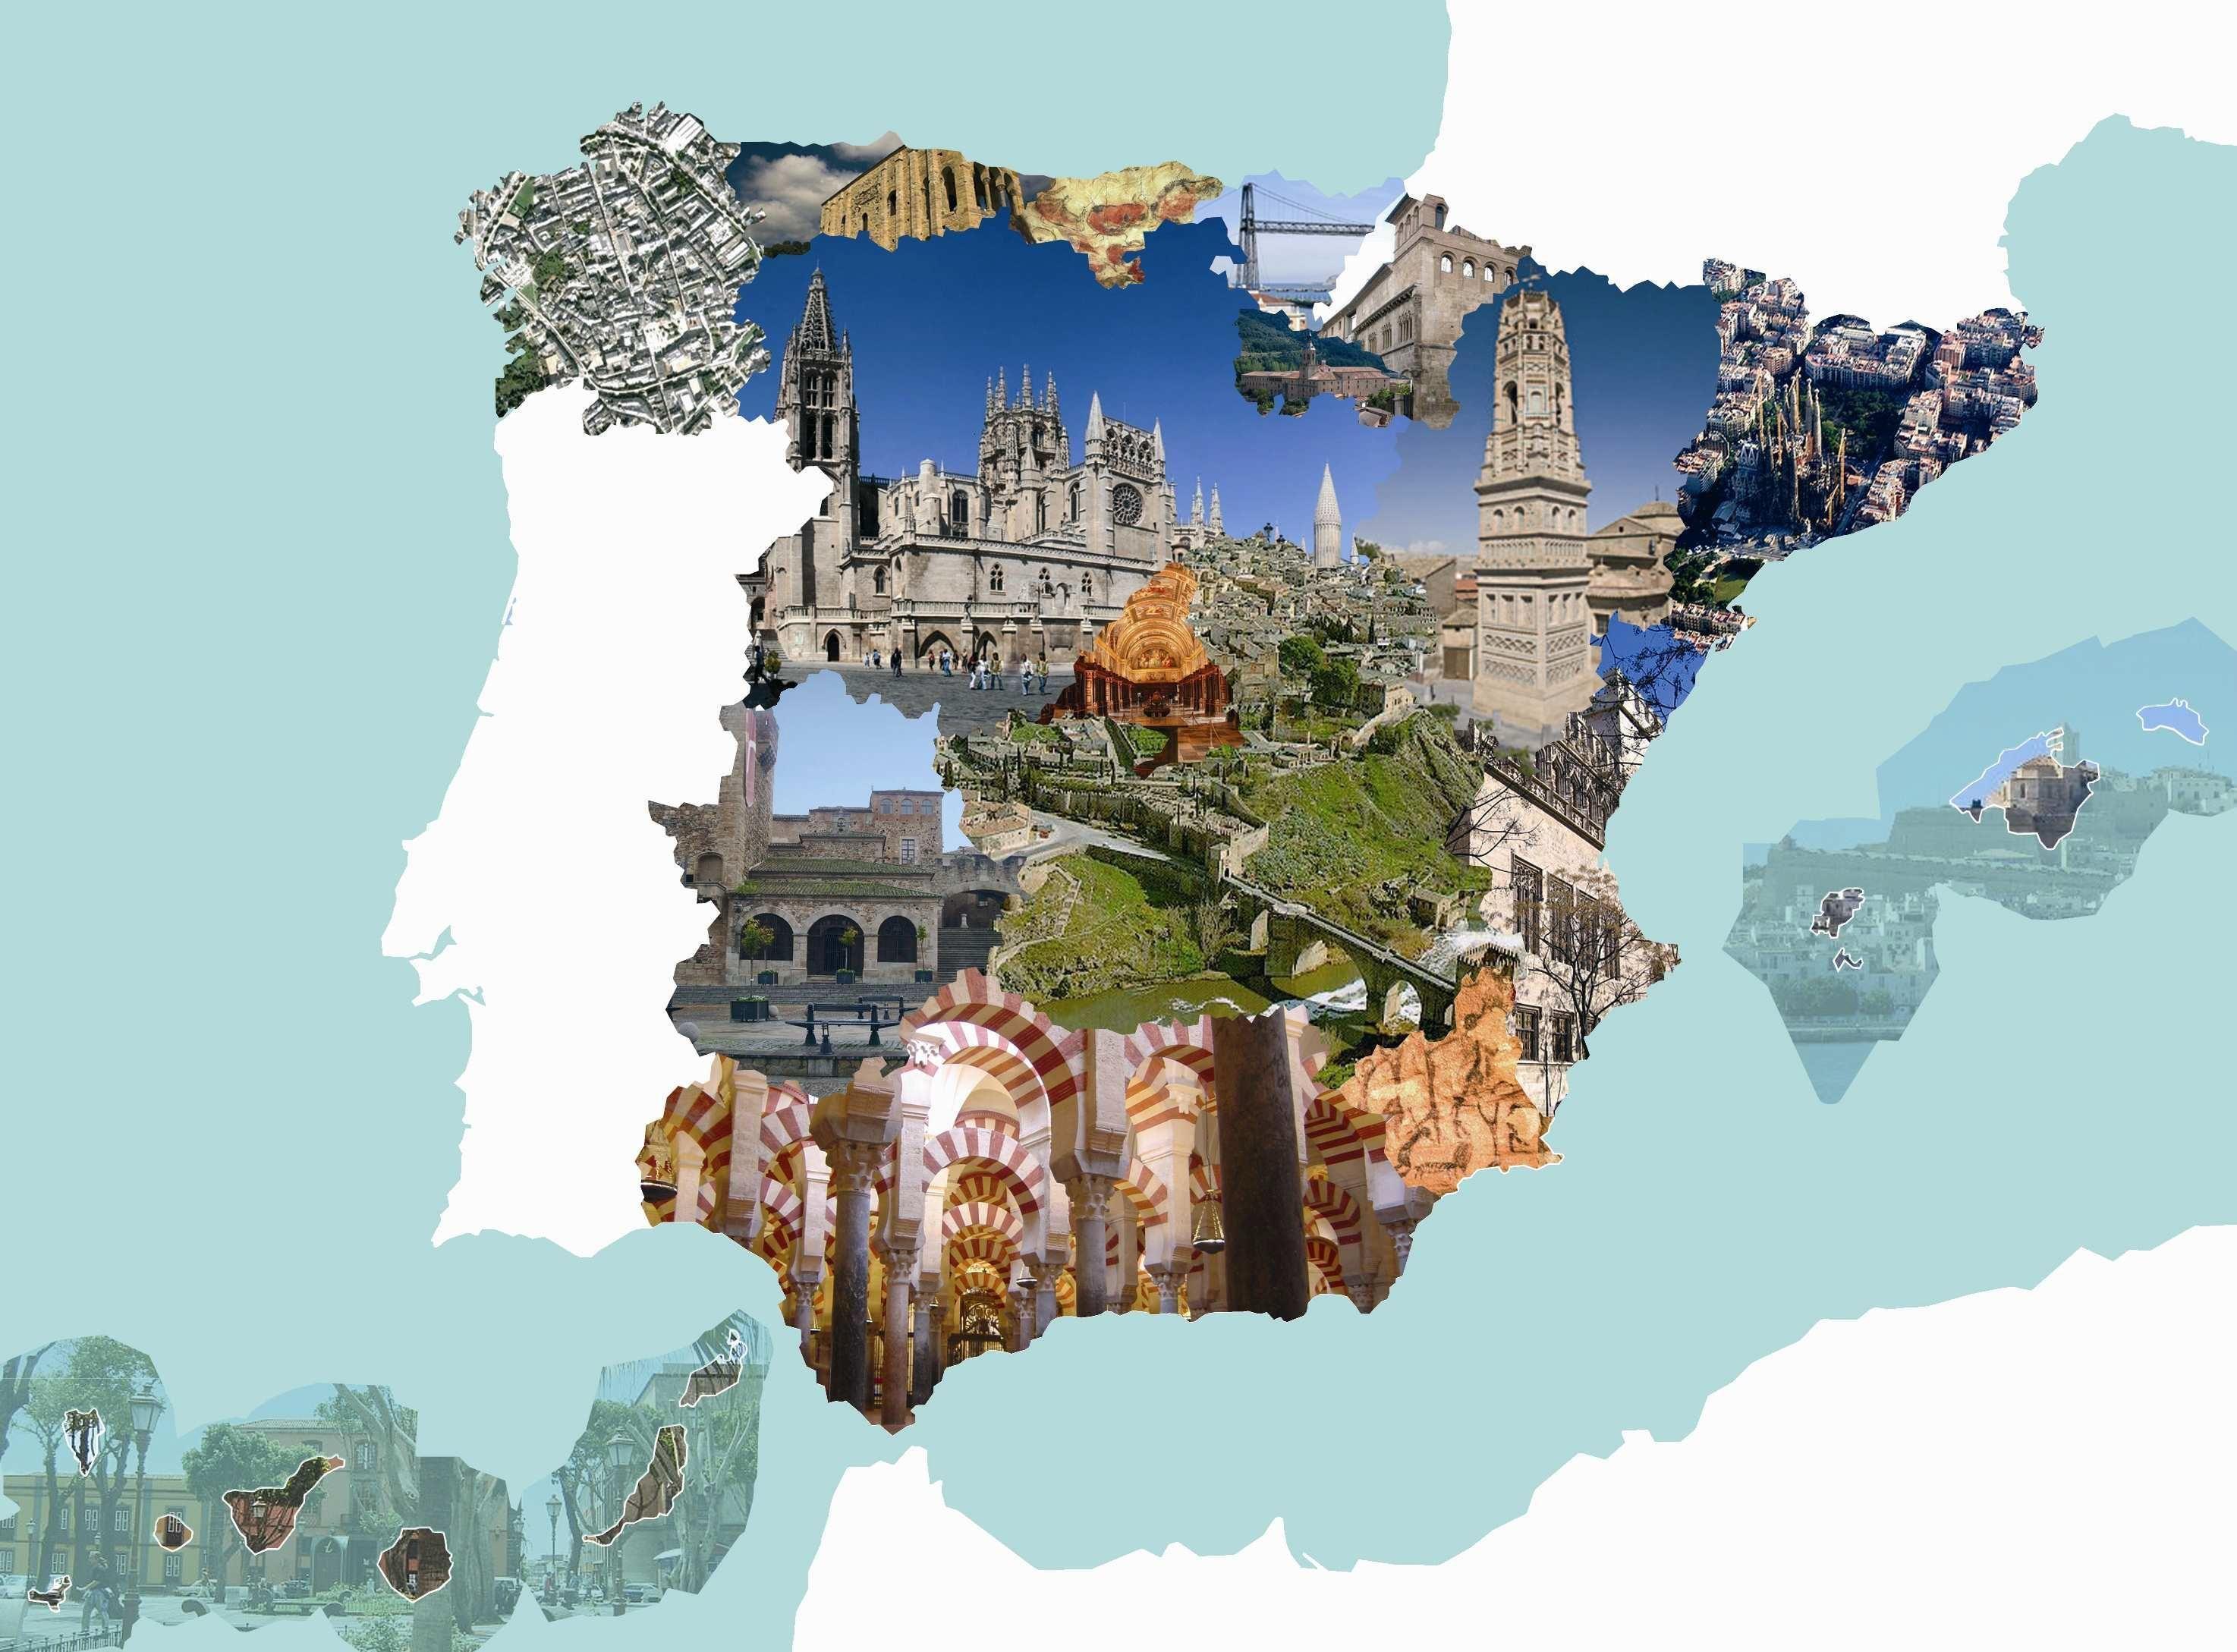 11587 - Monumentos de España. ¿Los reconocerás a todos?